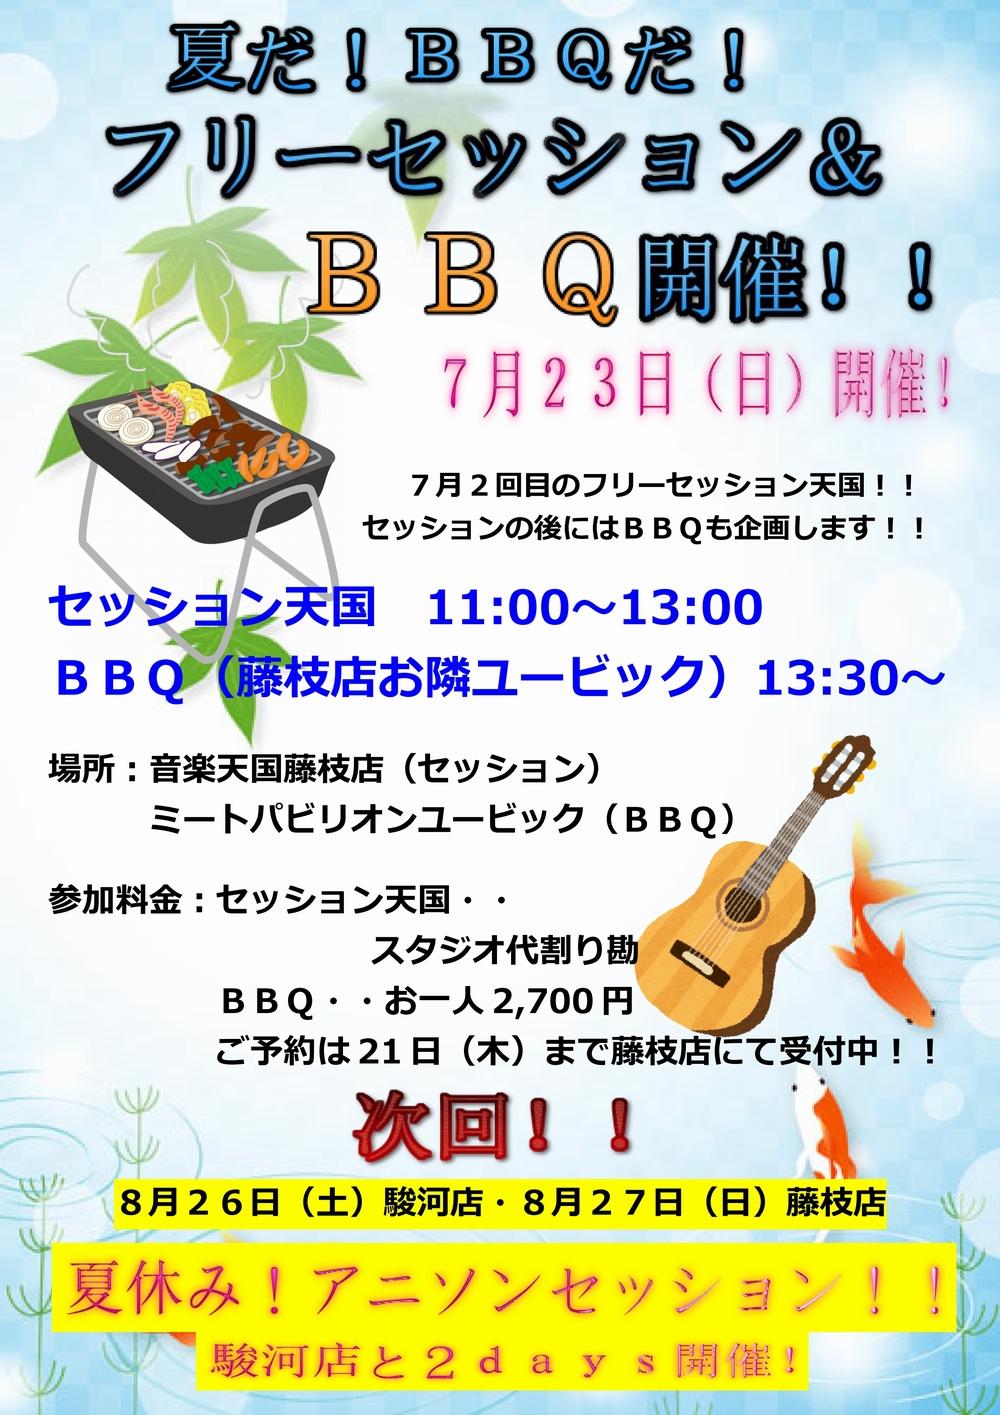 【セッション天国&BBQ】音楽天国・藤枝店7月23日(日)開催